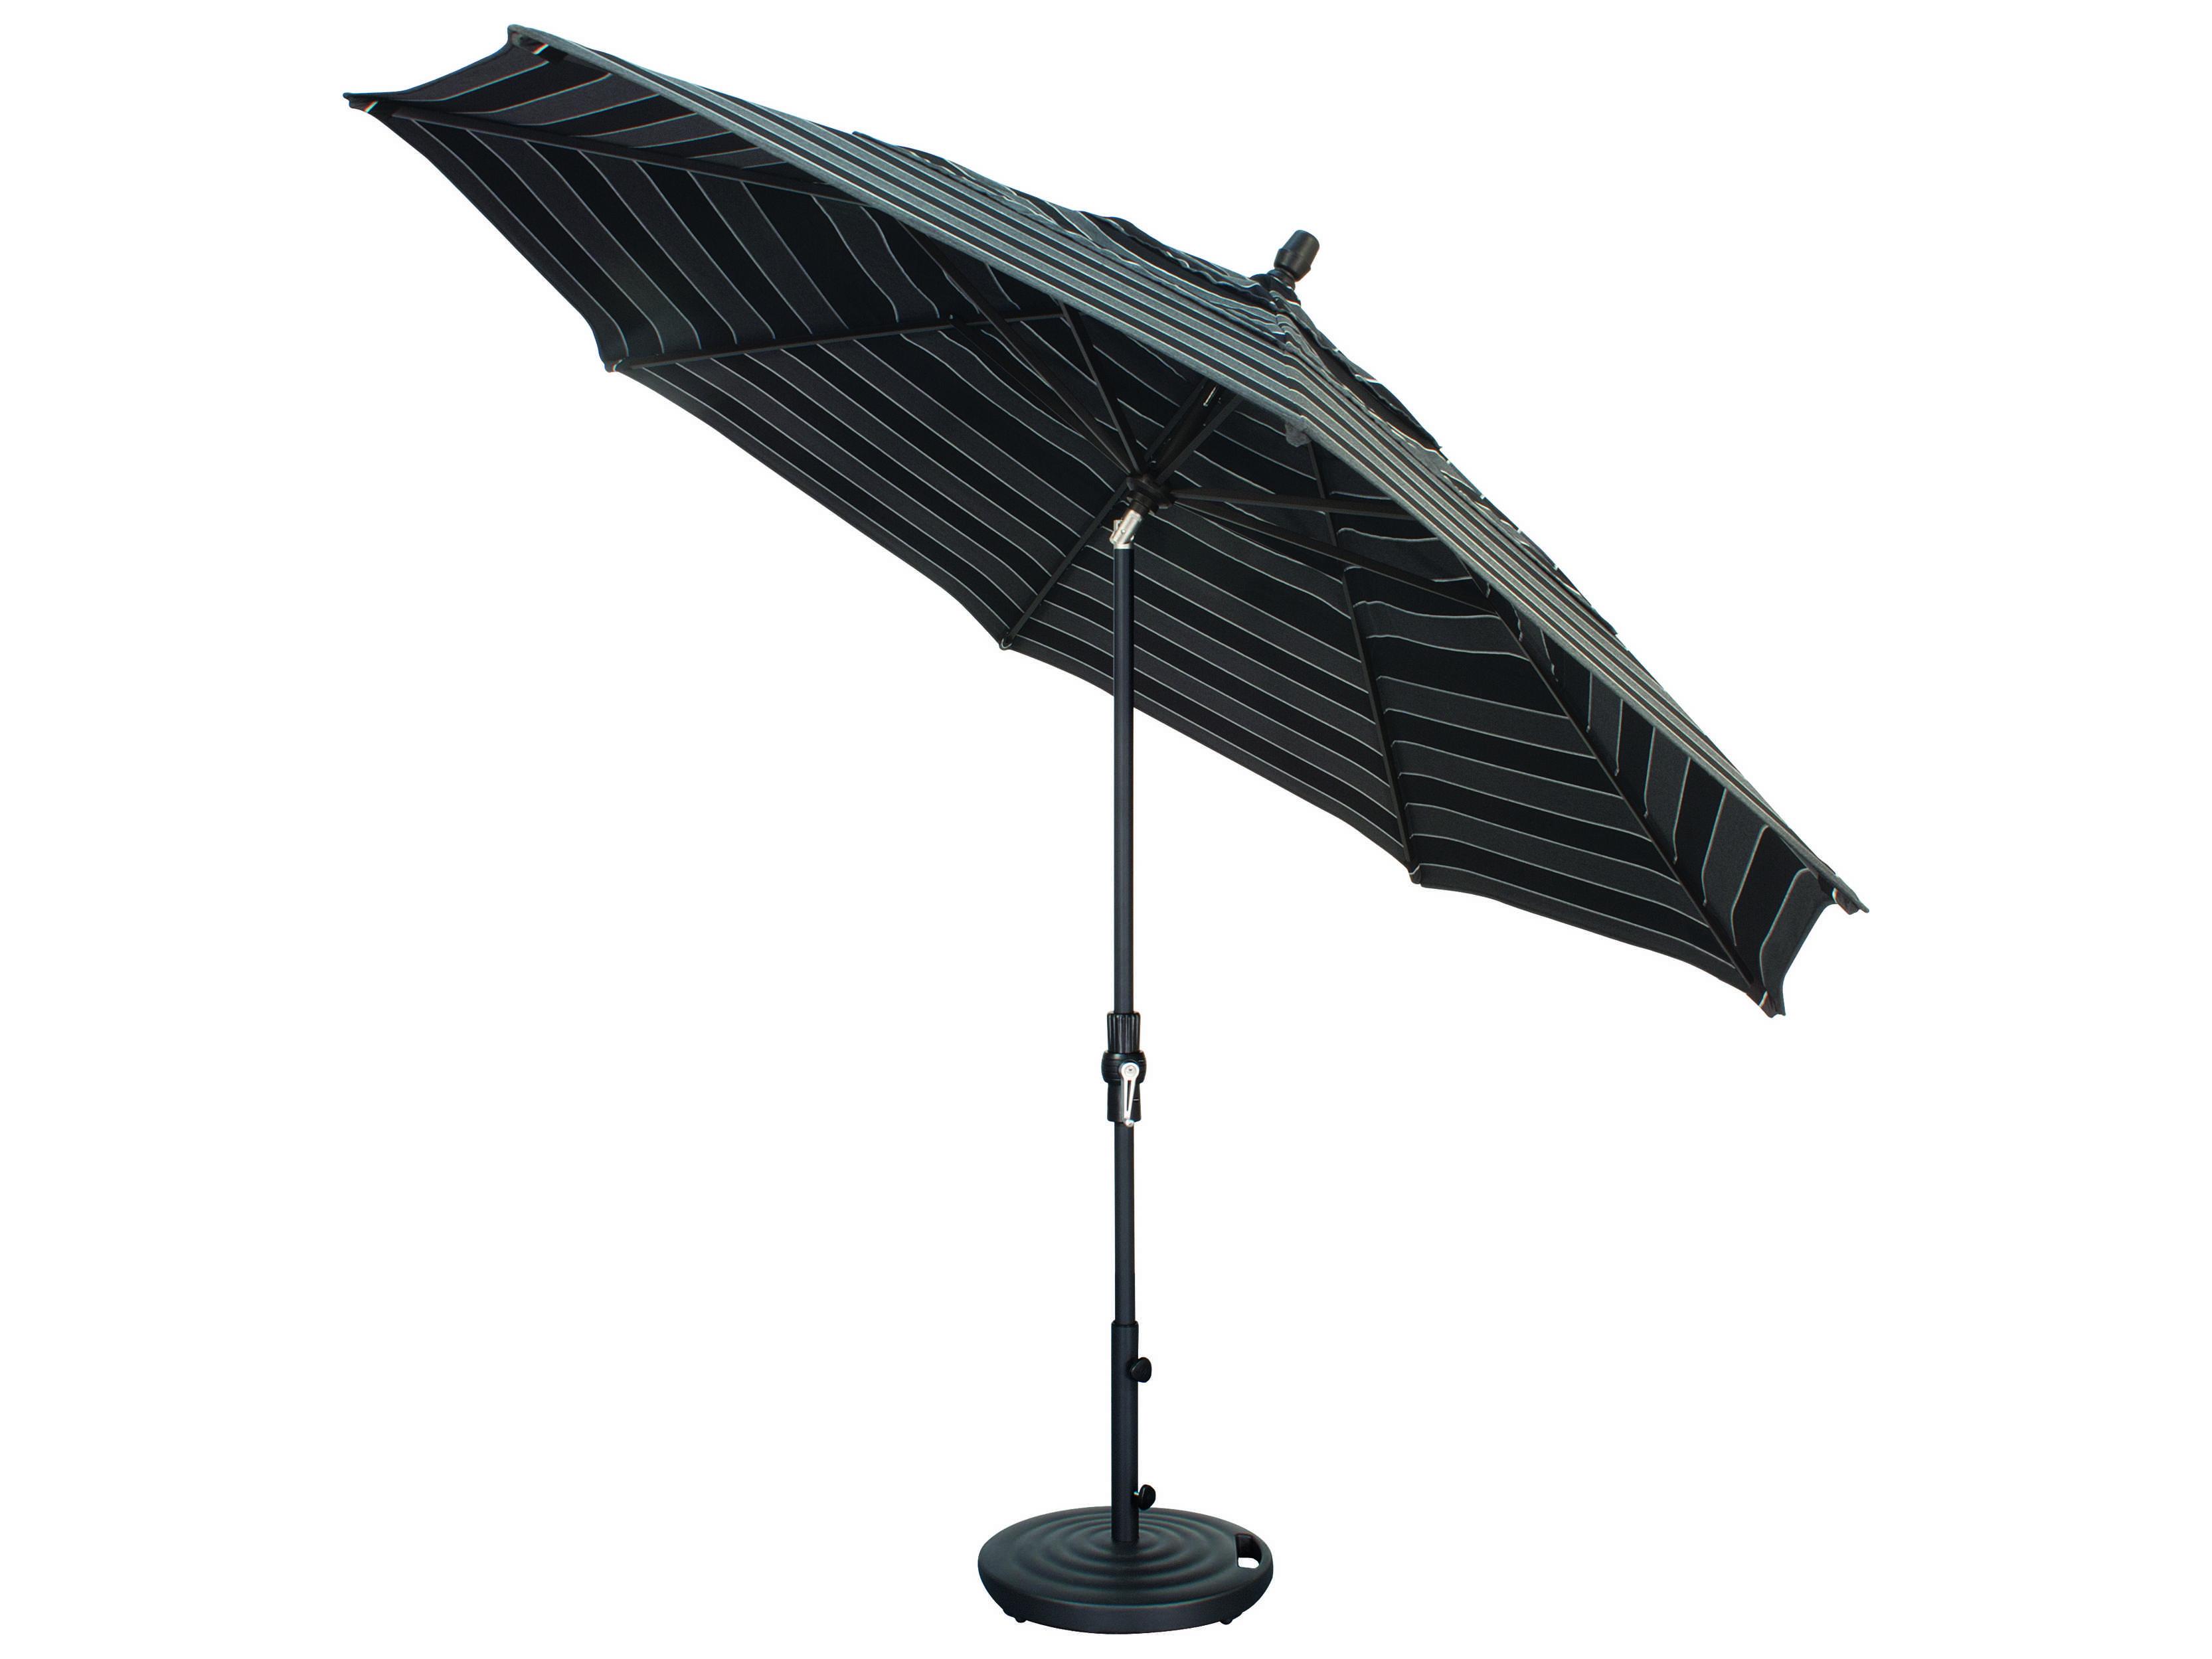 Treasure Garden Quick Ship Market Aluminum 11 39 Octagon Collar Tilt Crank Lift Umbrella